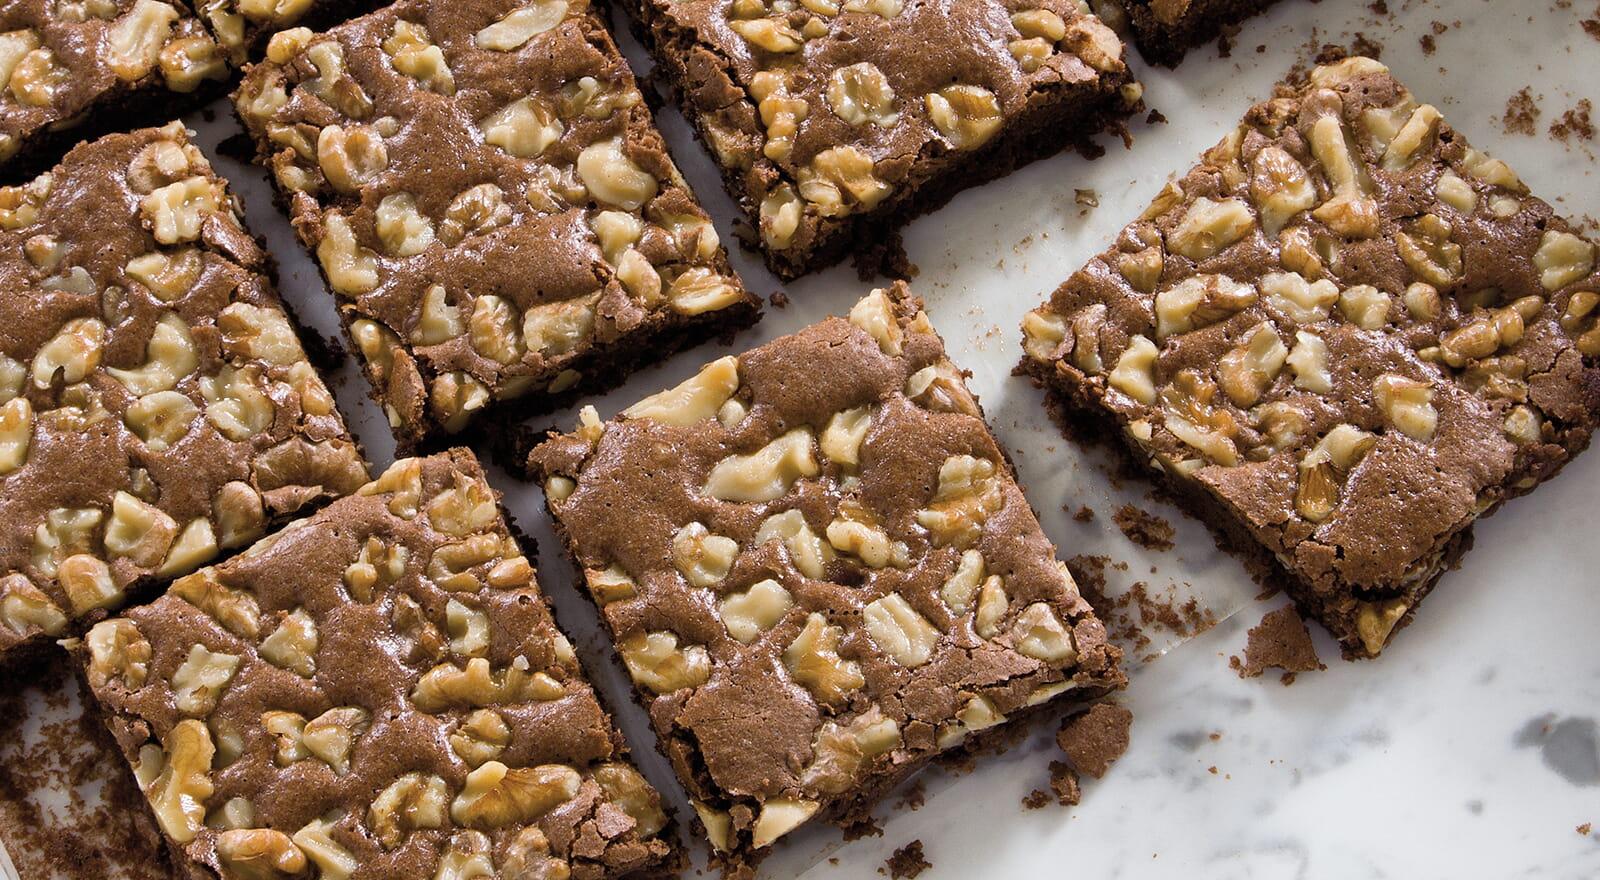 Explore unique brownie recipes